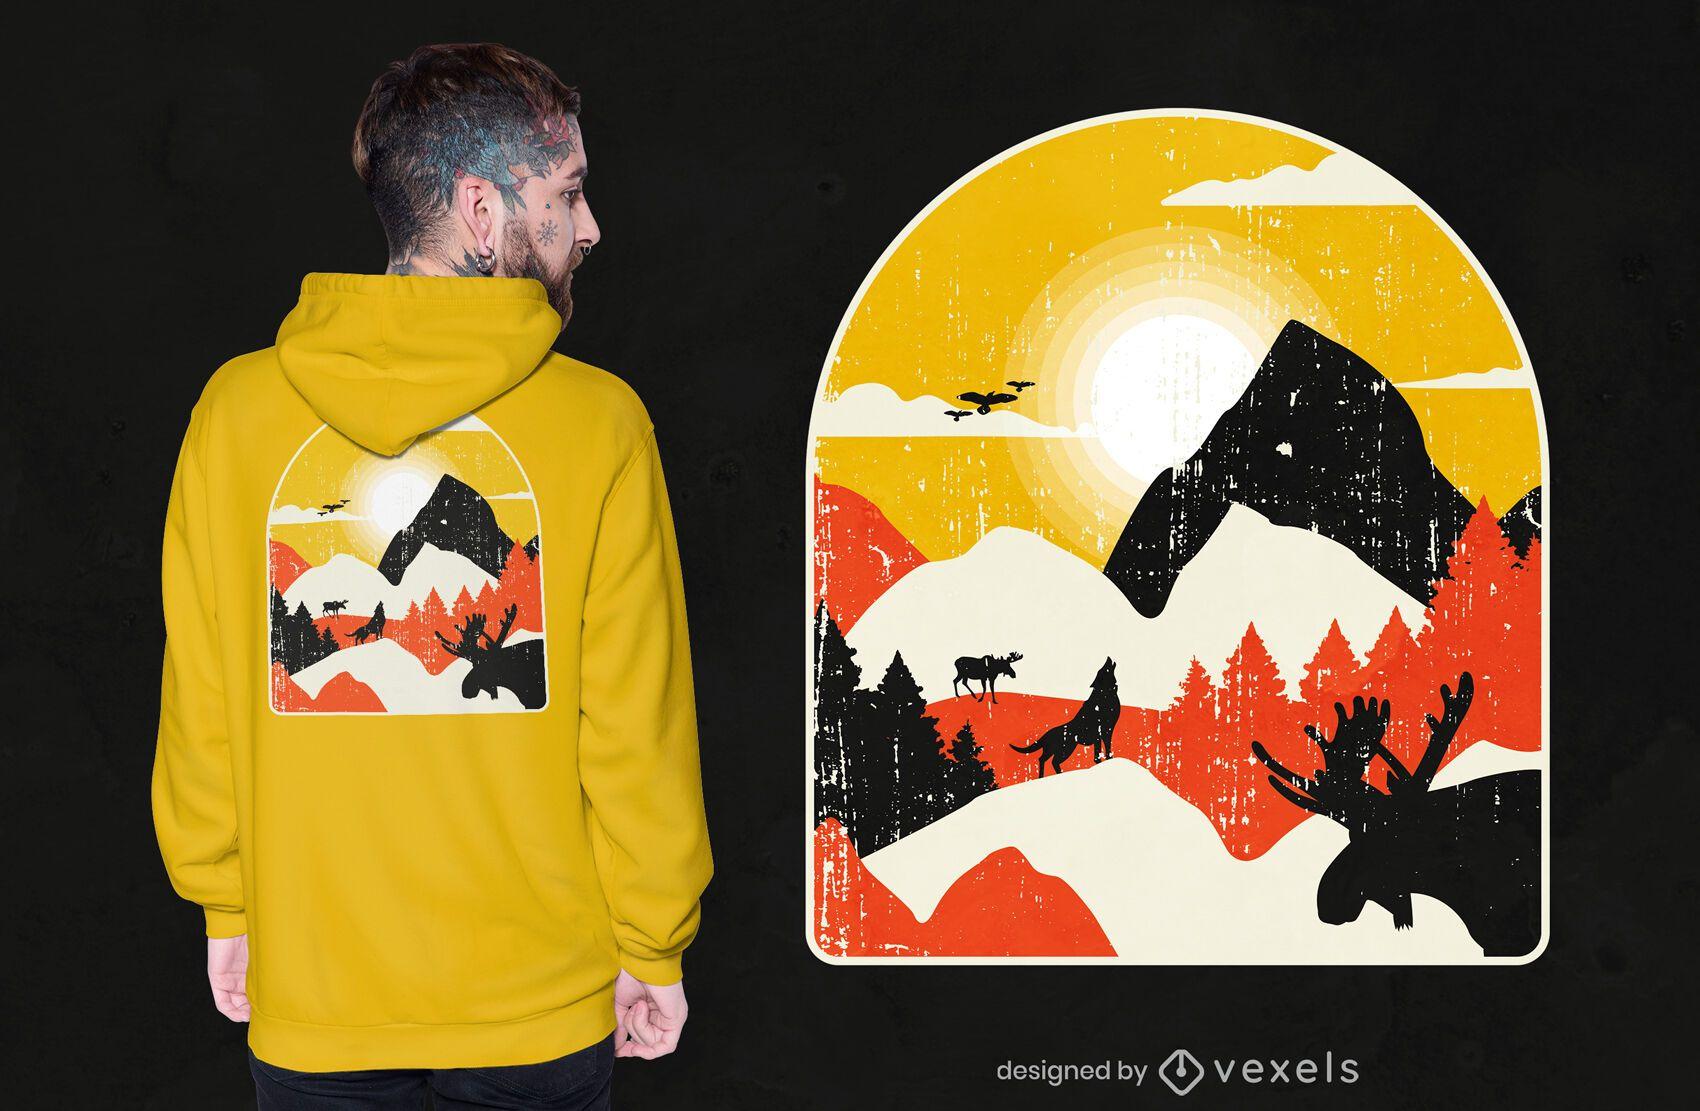 Dise?o de camiseta de paisaje de naturaleza de monta?as.